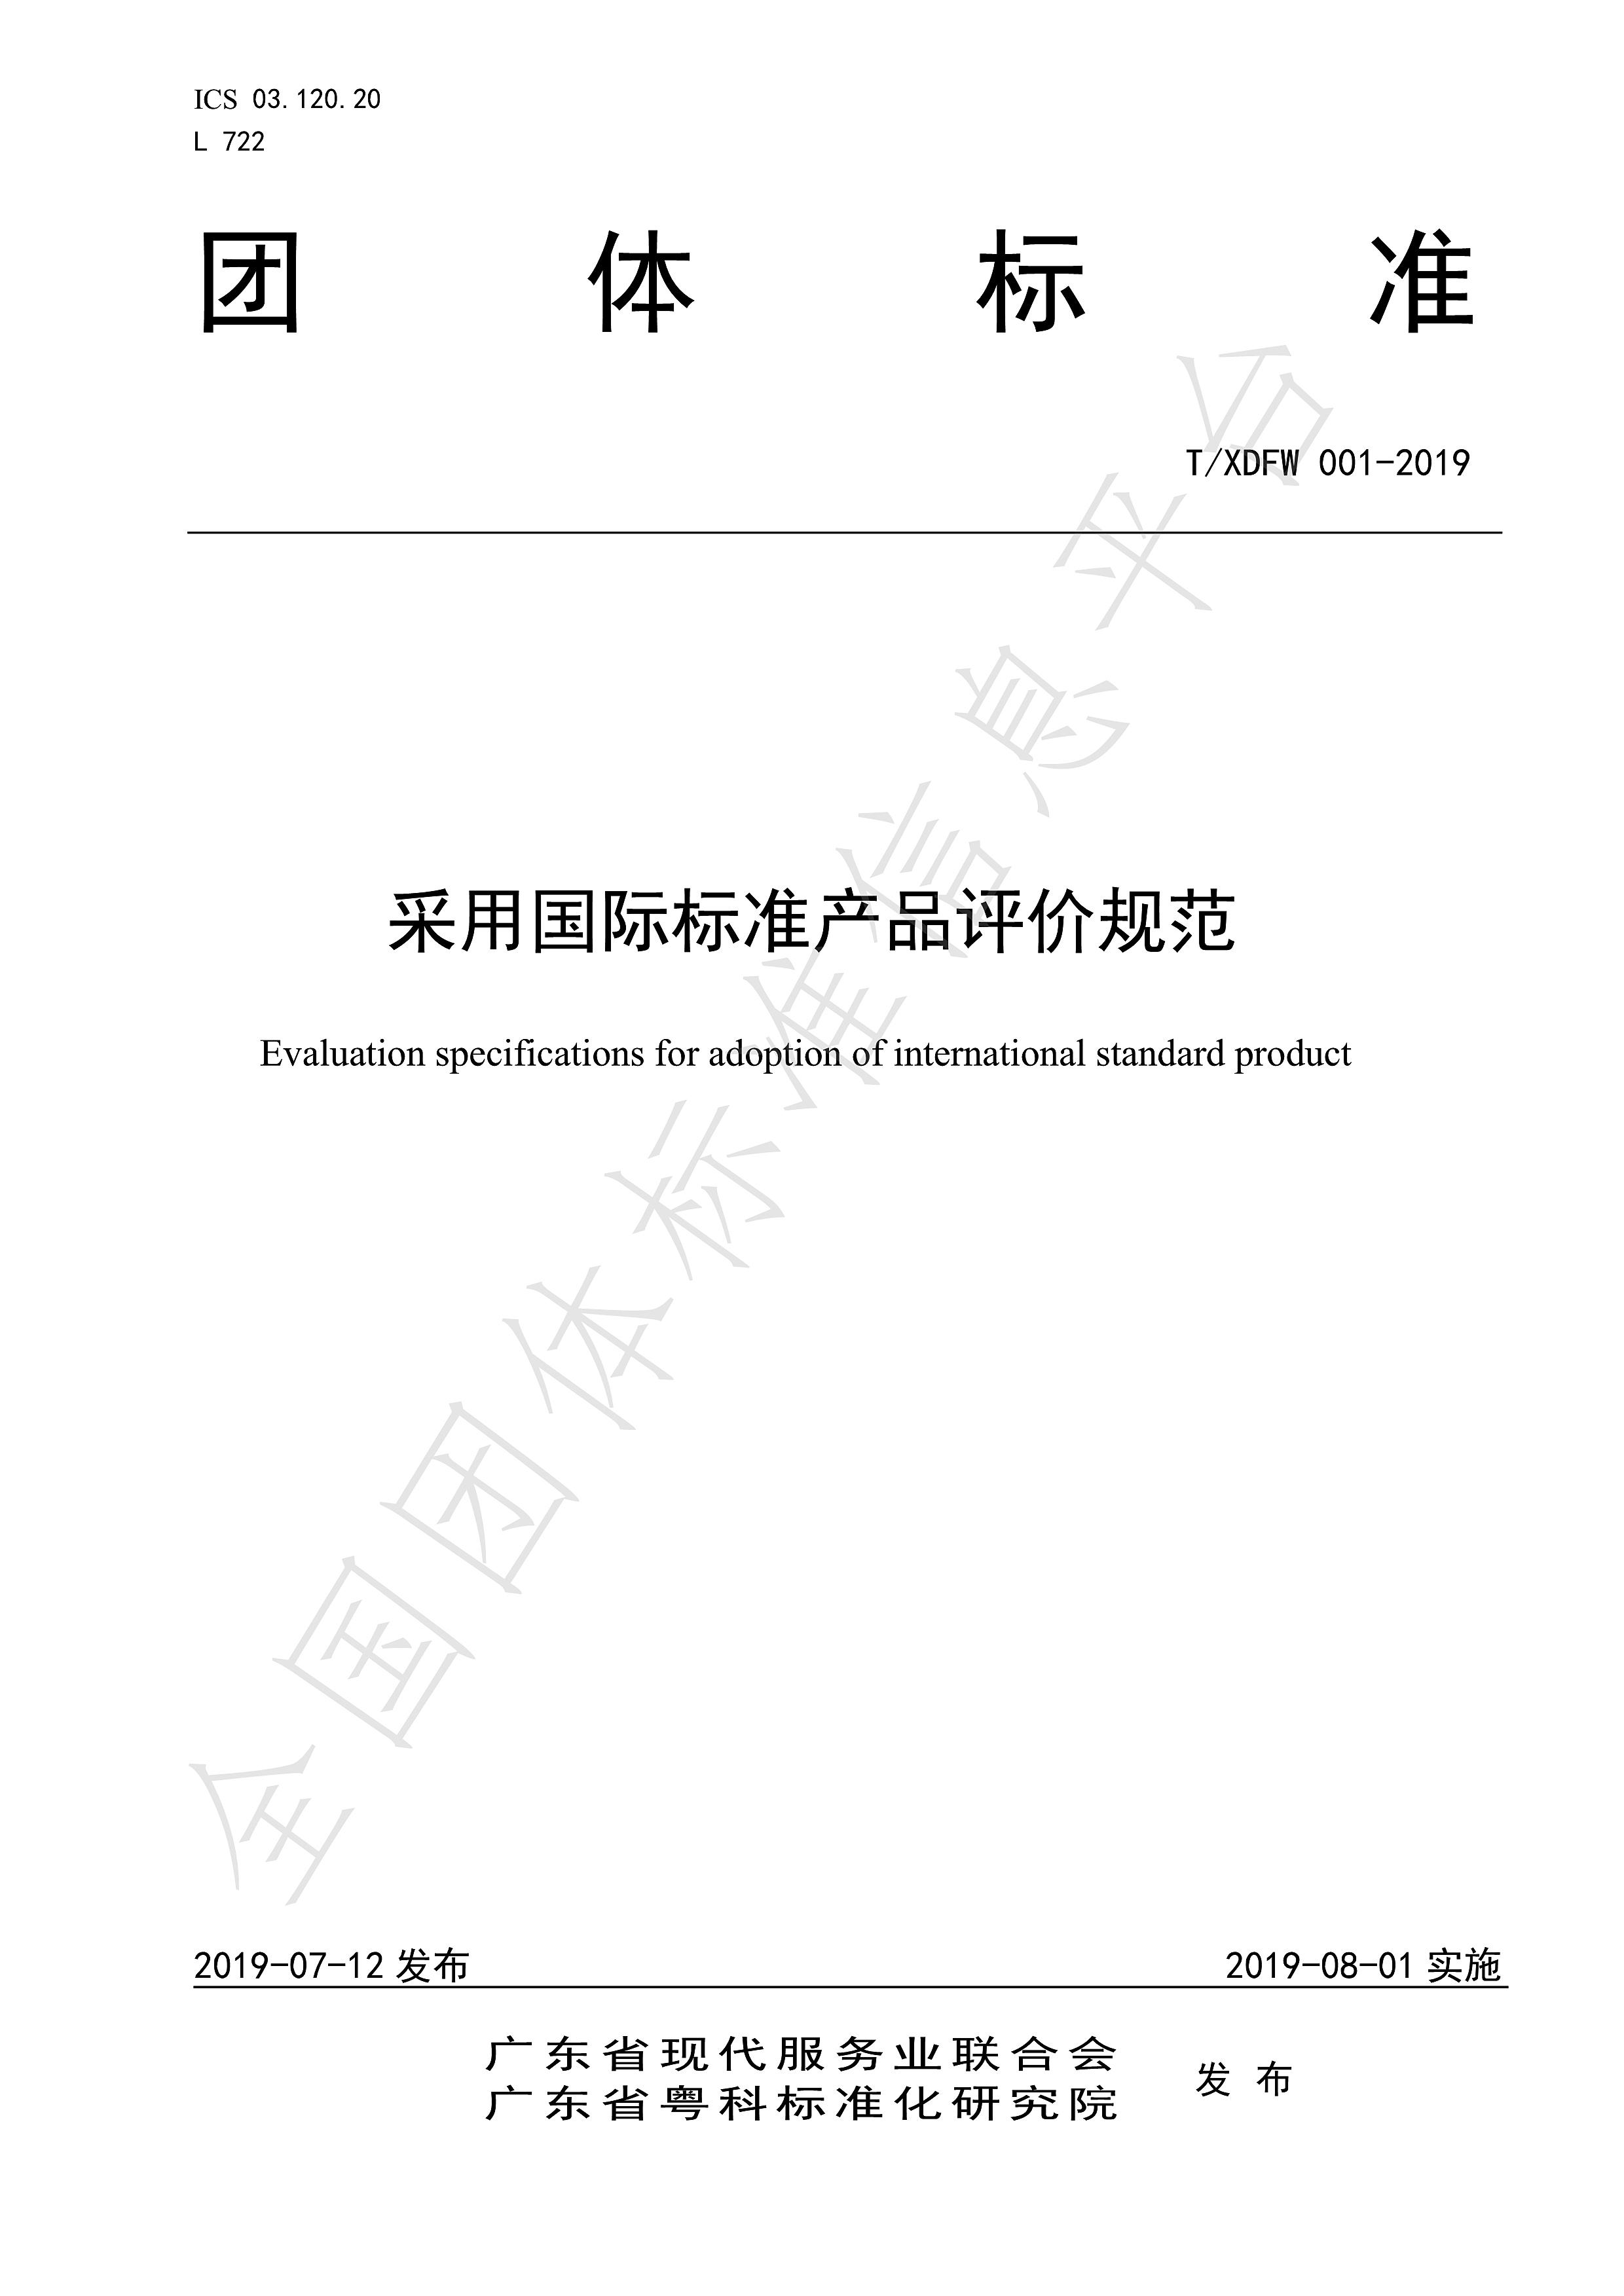 《采用国际标准产品评价规范》水印_1